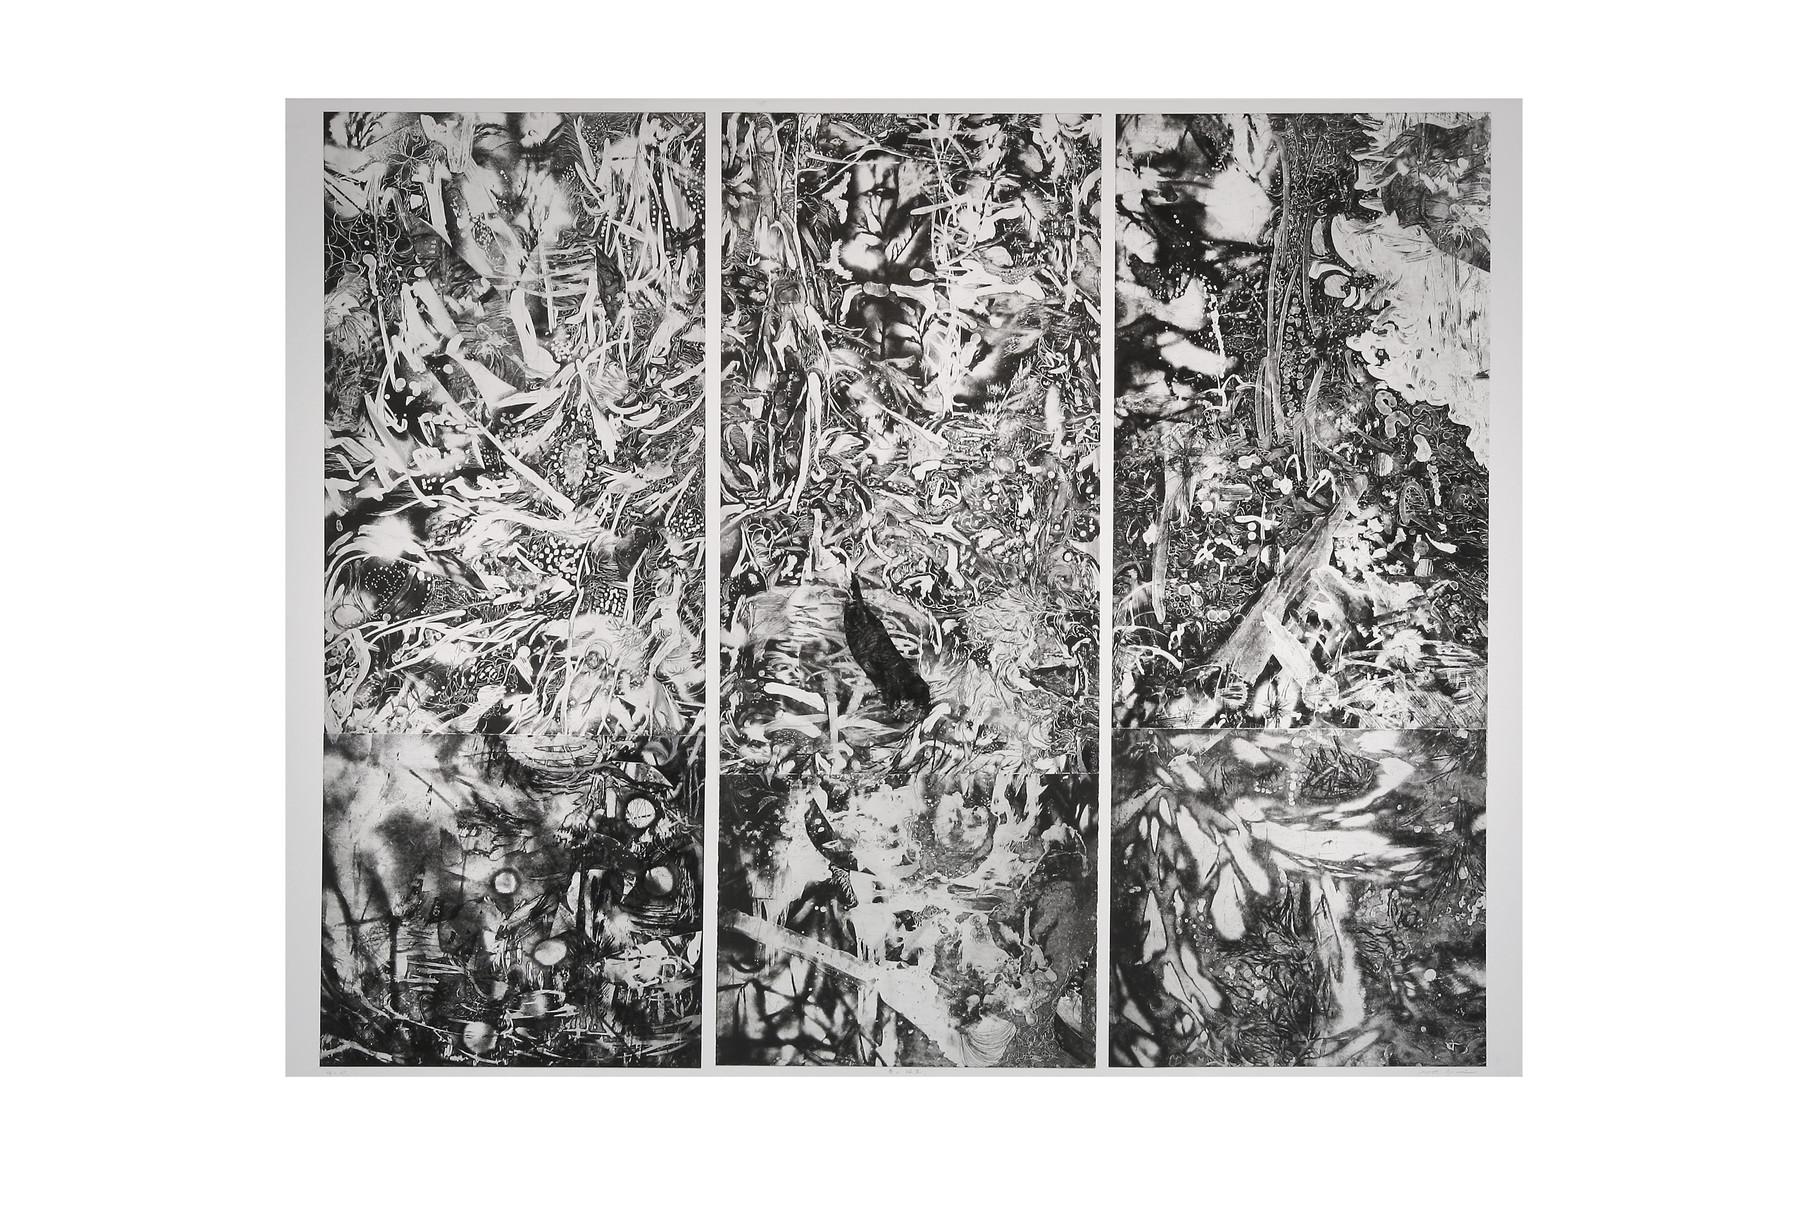 春の誕生 2007年 銅版画 130x160cm